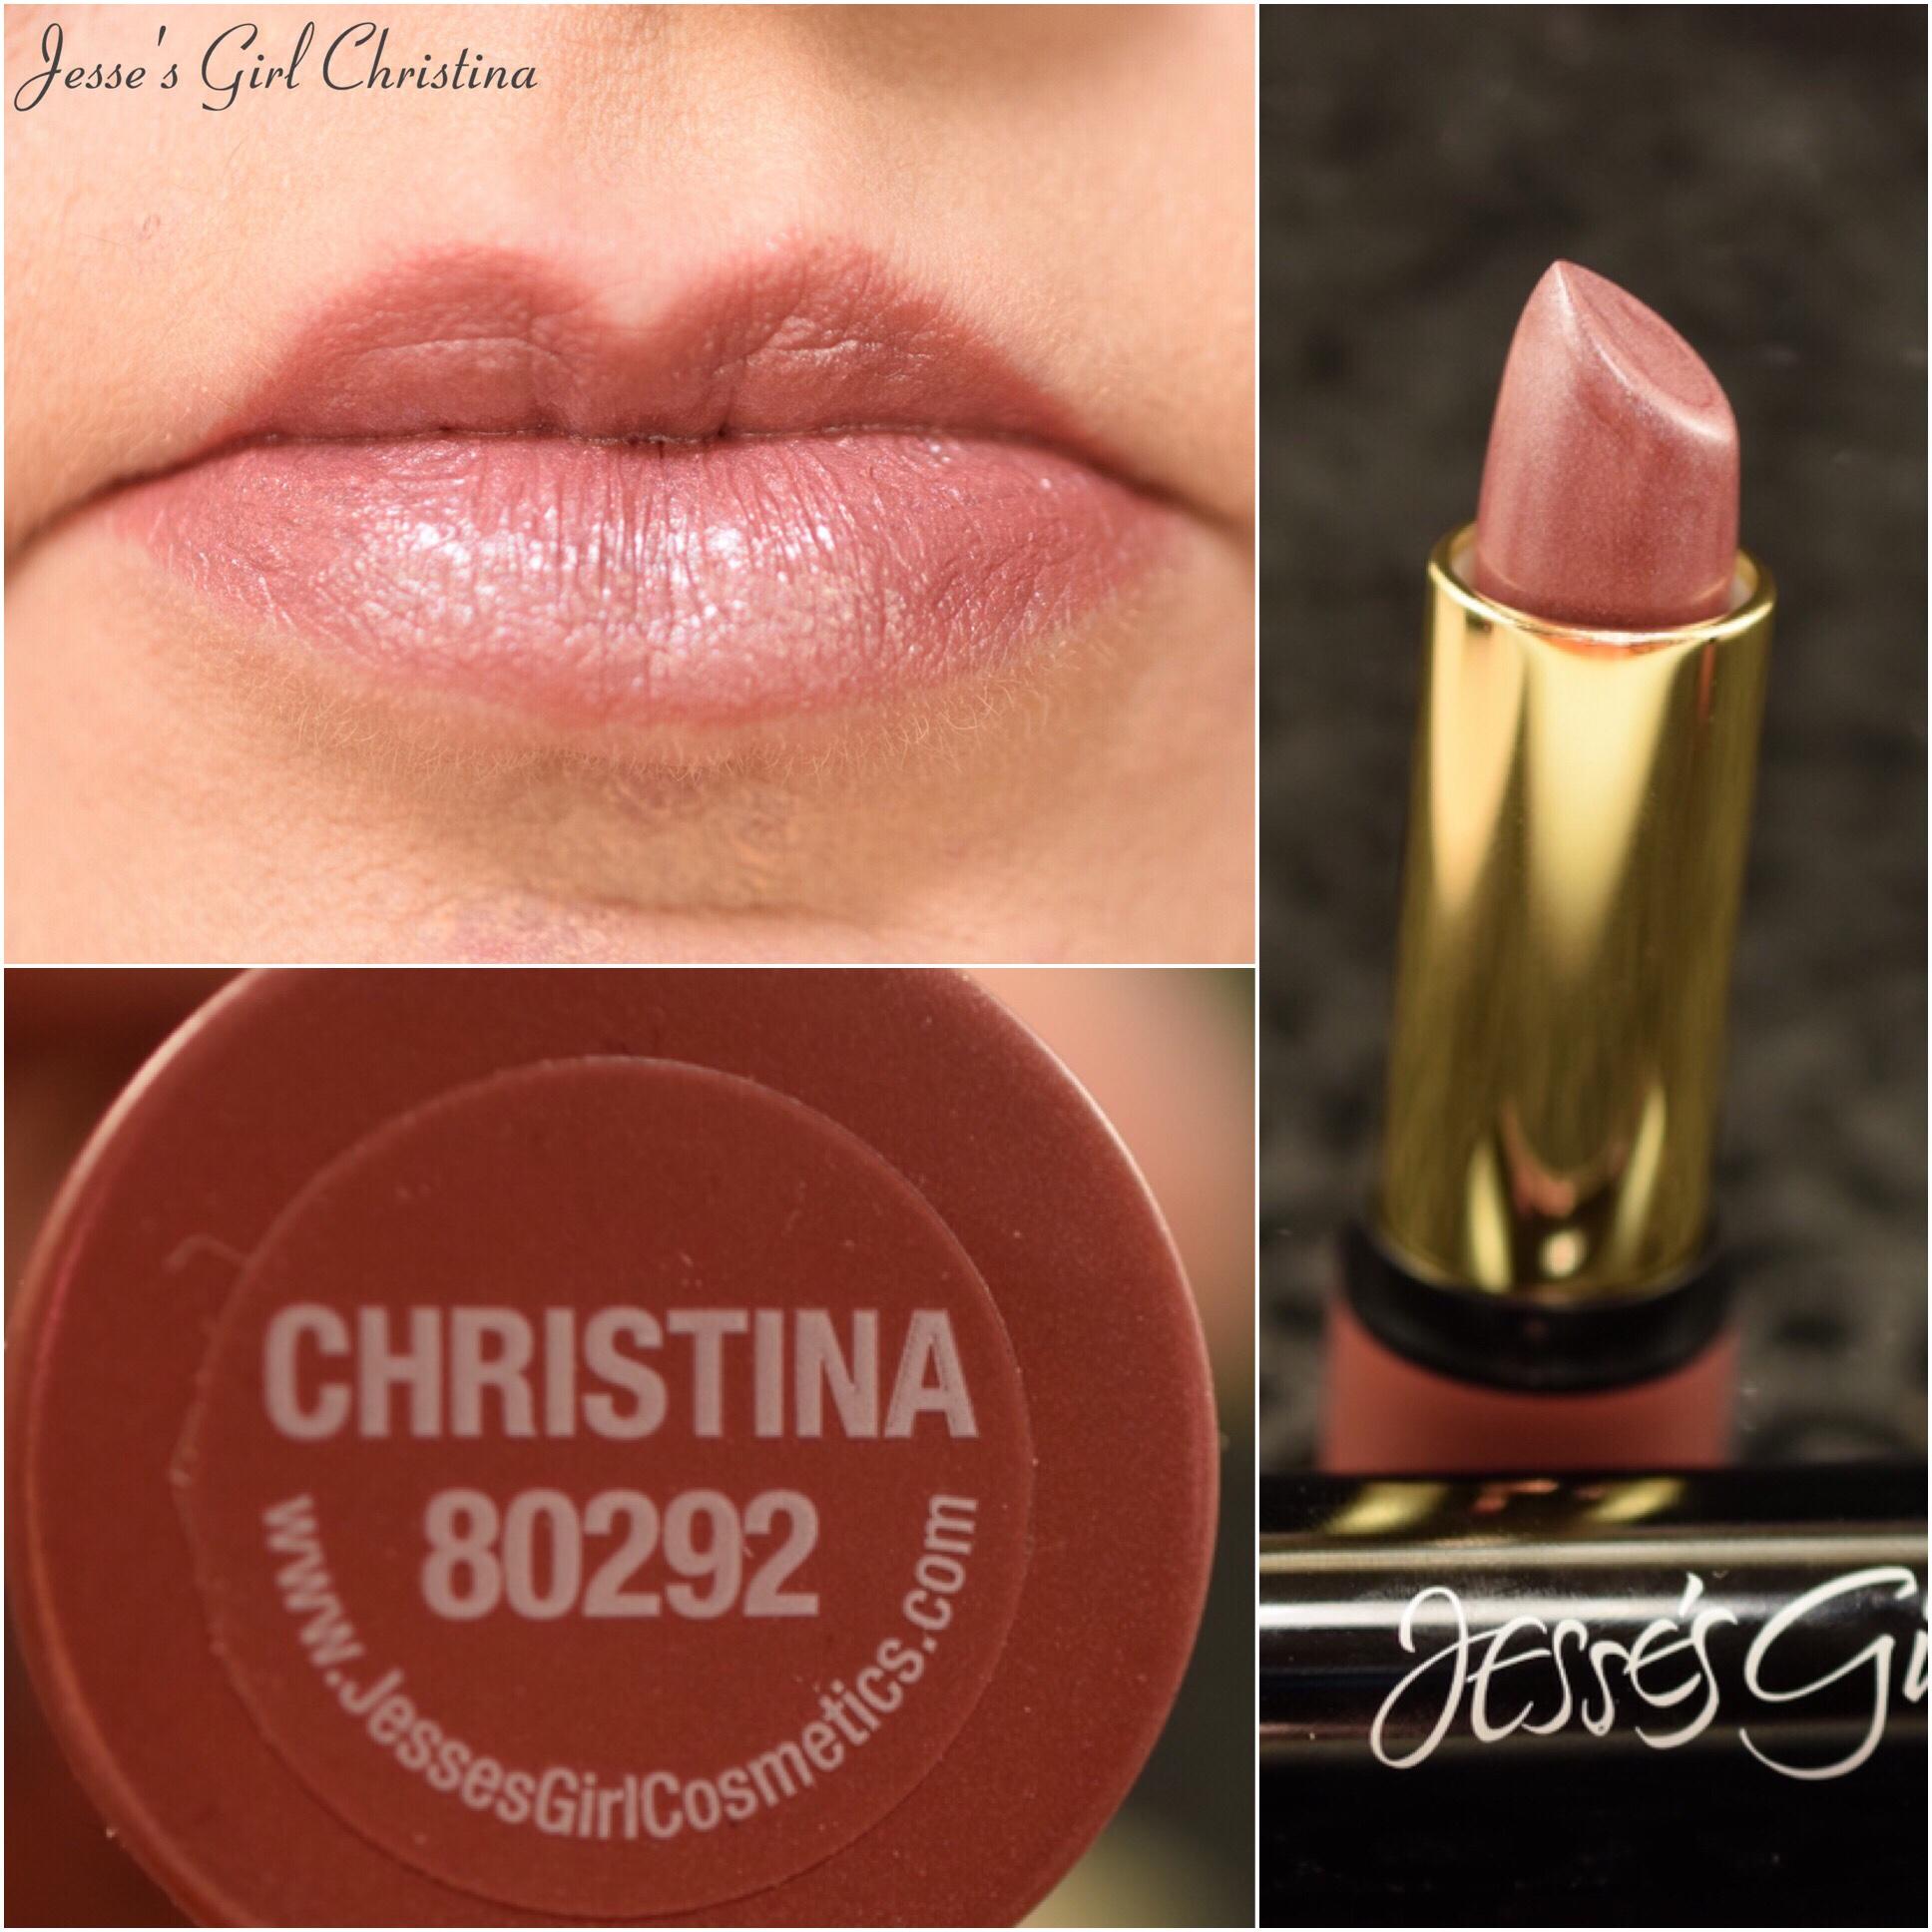 Jesse's Girl Christina